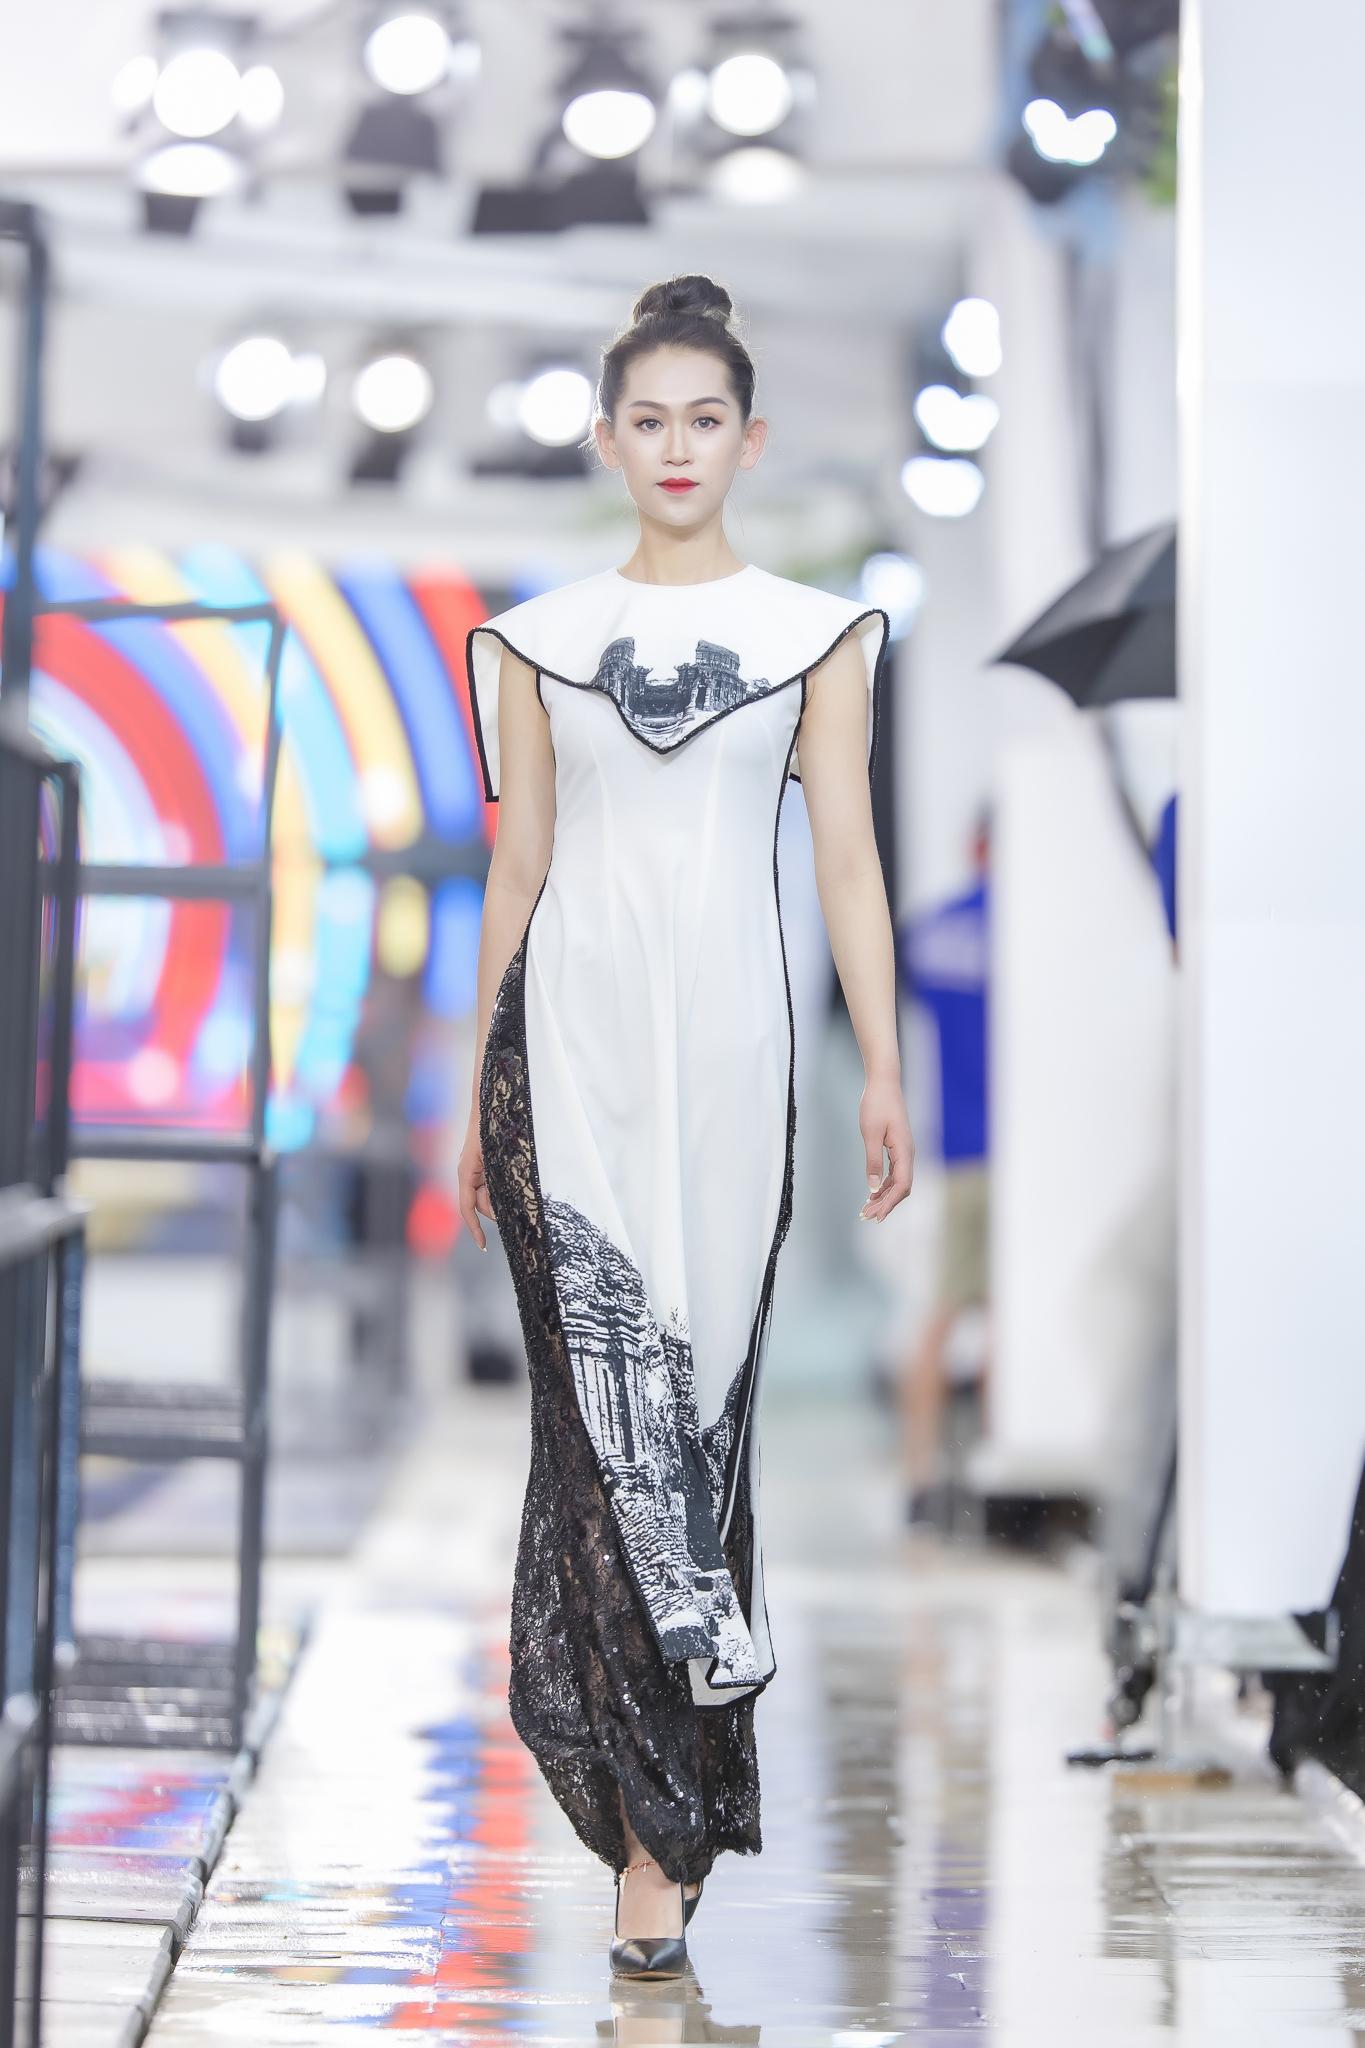 Hồng Quế diện áo dài Hà Duy, catwalk nổi bật giữa dàn mẫu Trung Quốc Ảnh 11